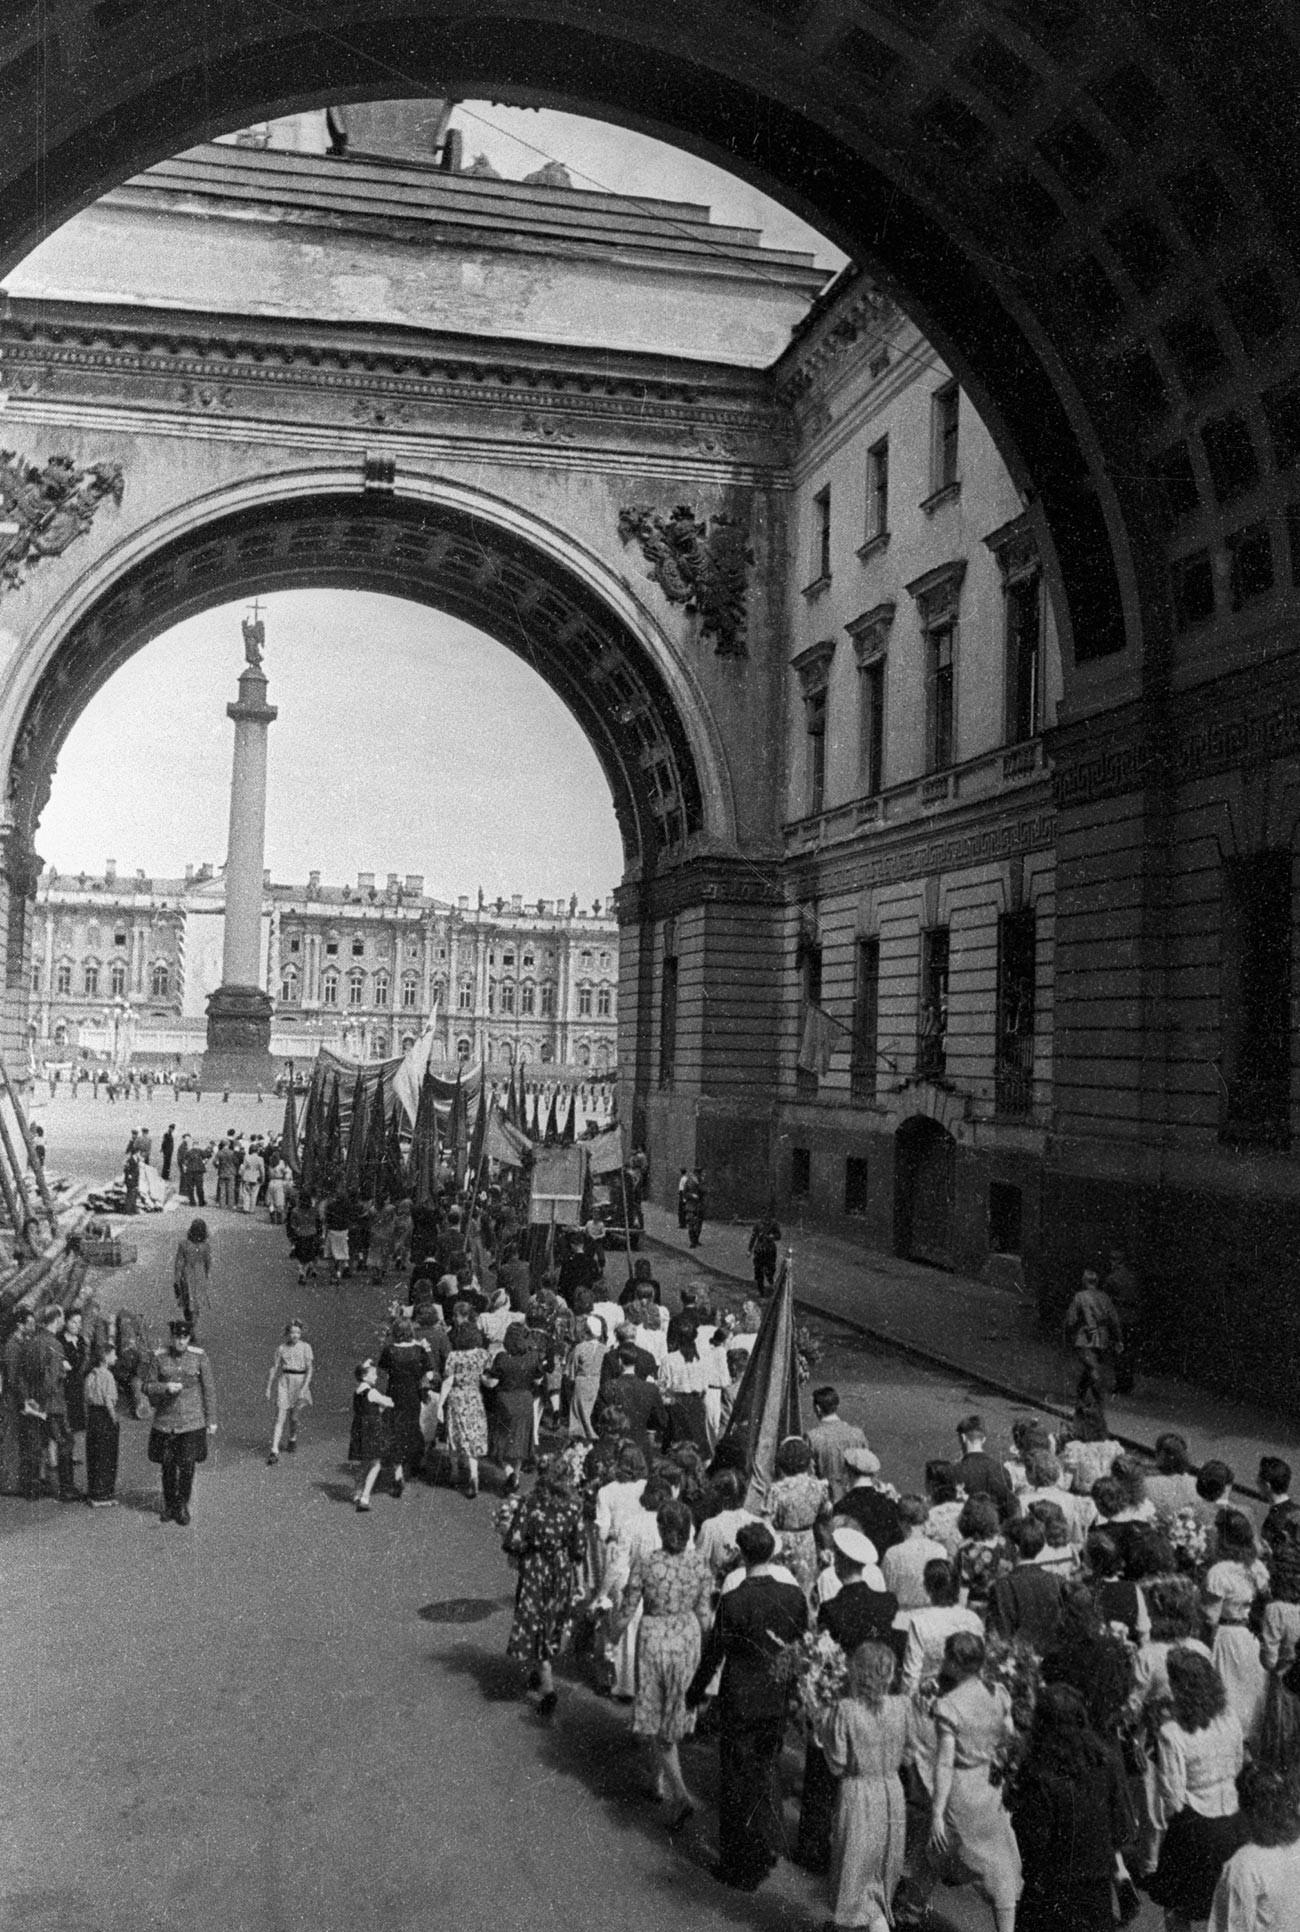 Colonne de manifestants sous l'arc du Palais de l'État-Major de Leningrad